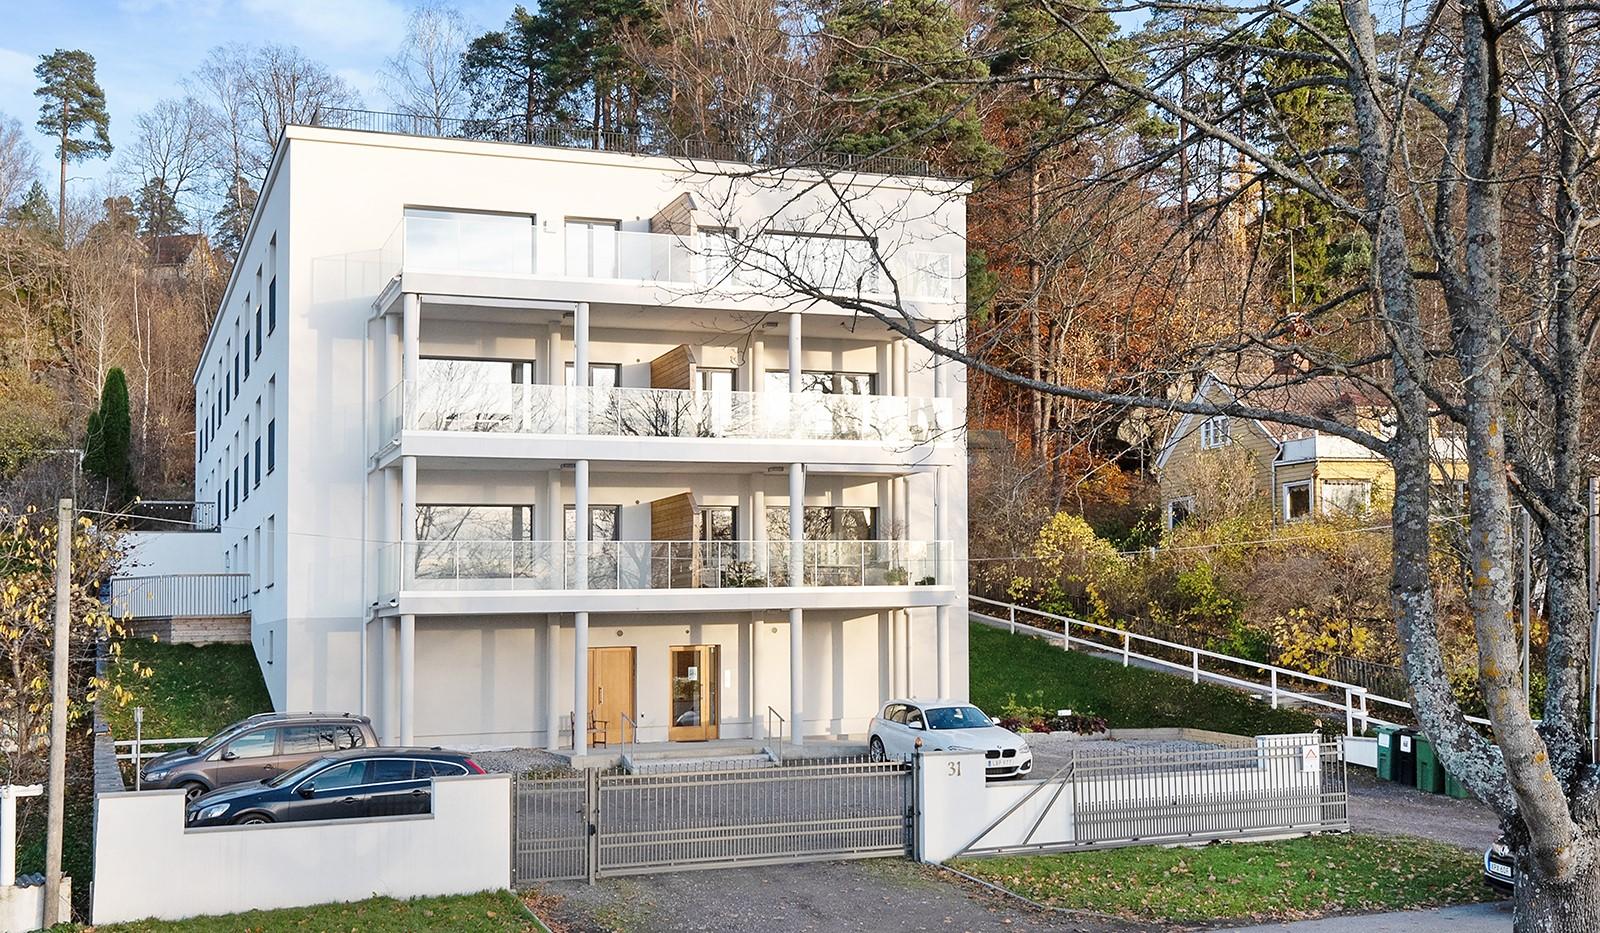 Vårby allé 31, 1tr - Snyggt hus med p-platser på framsidan